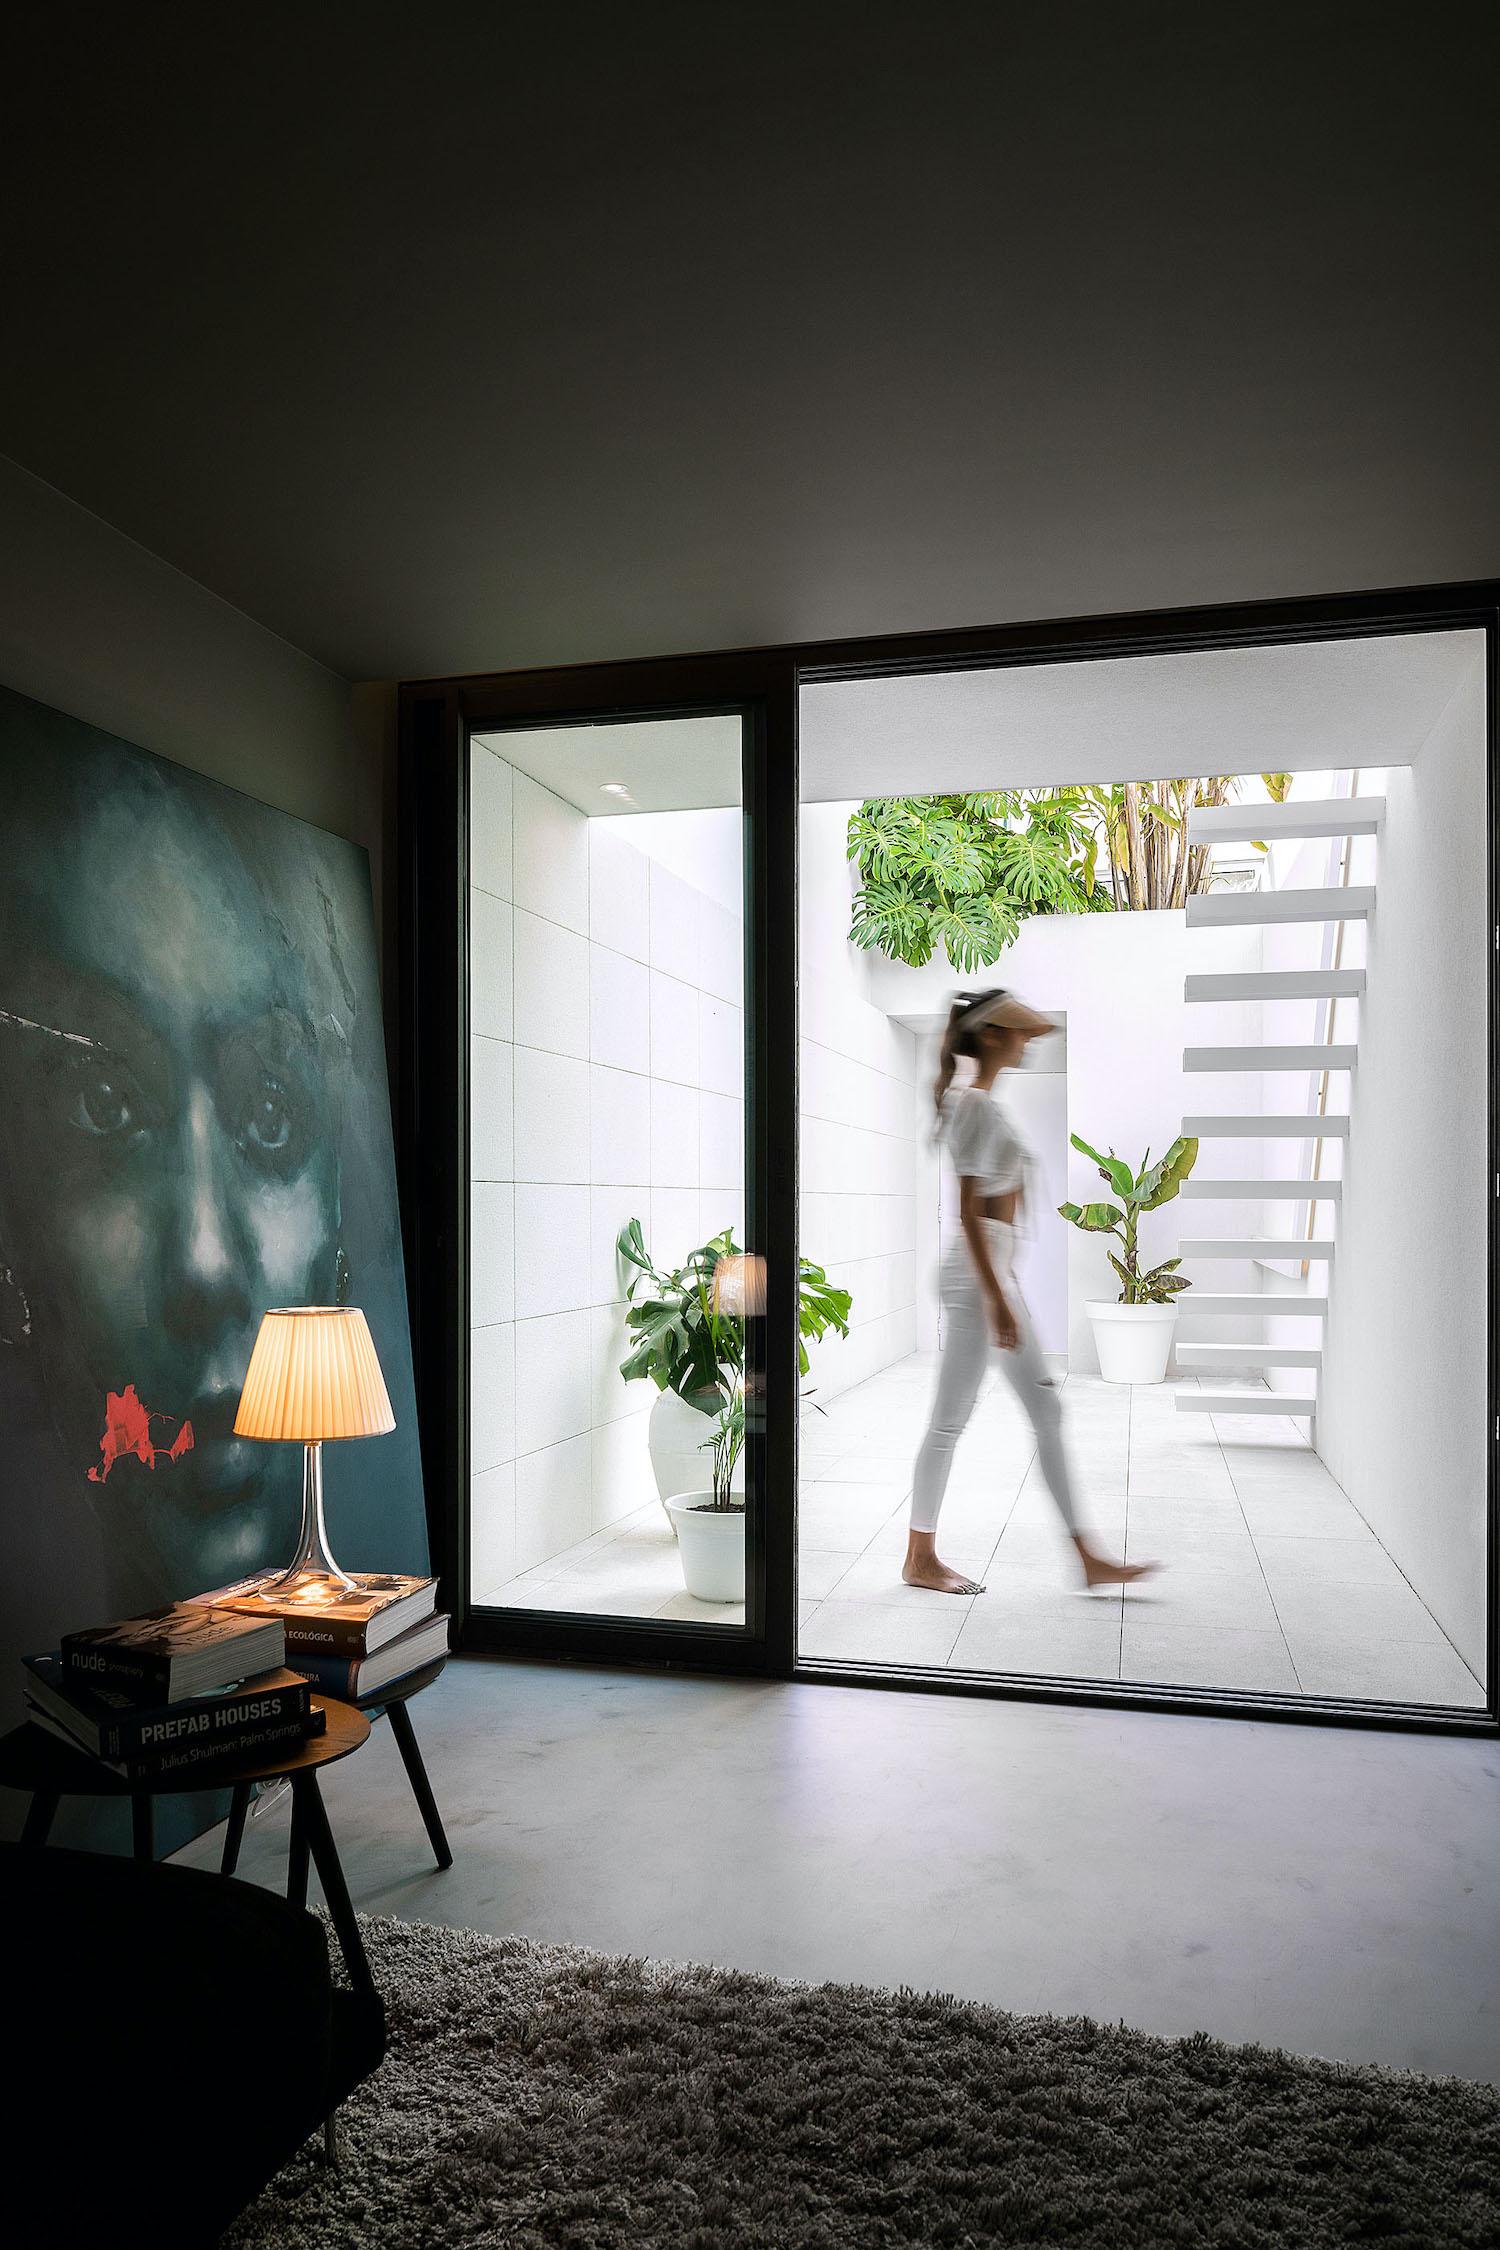 girl walking nearby window